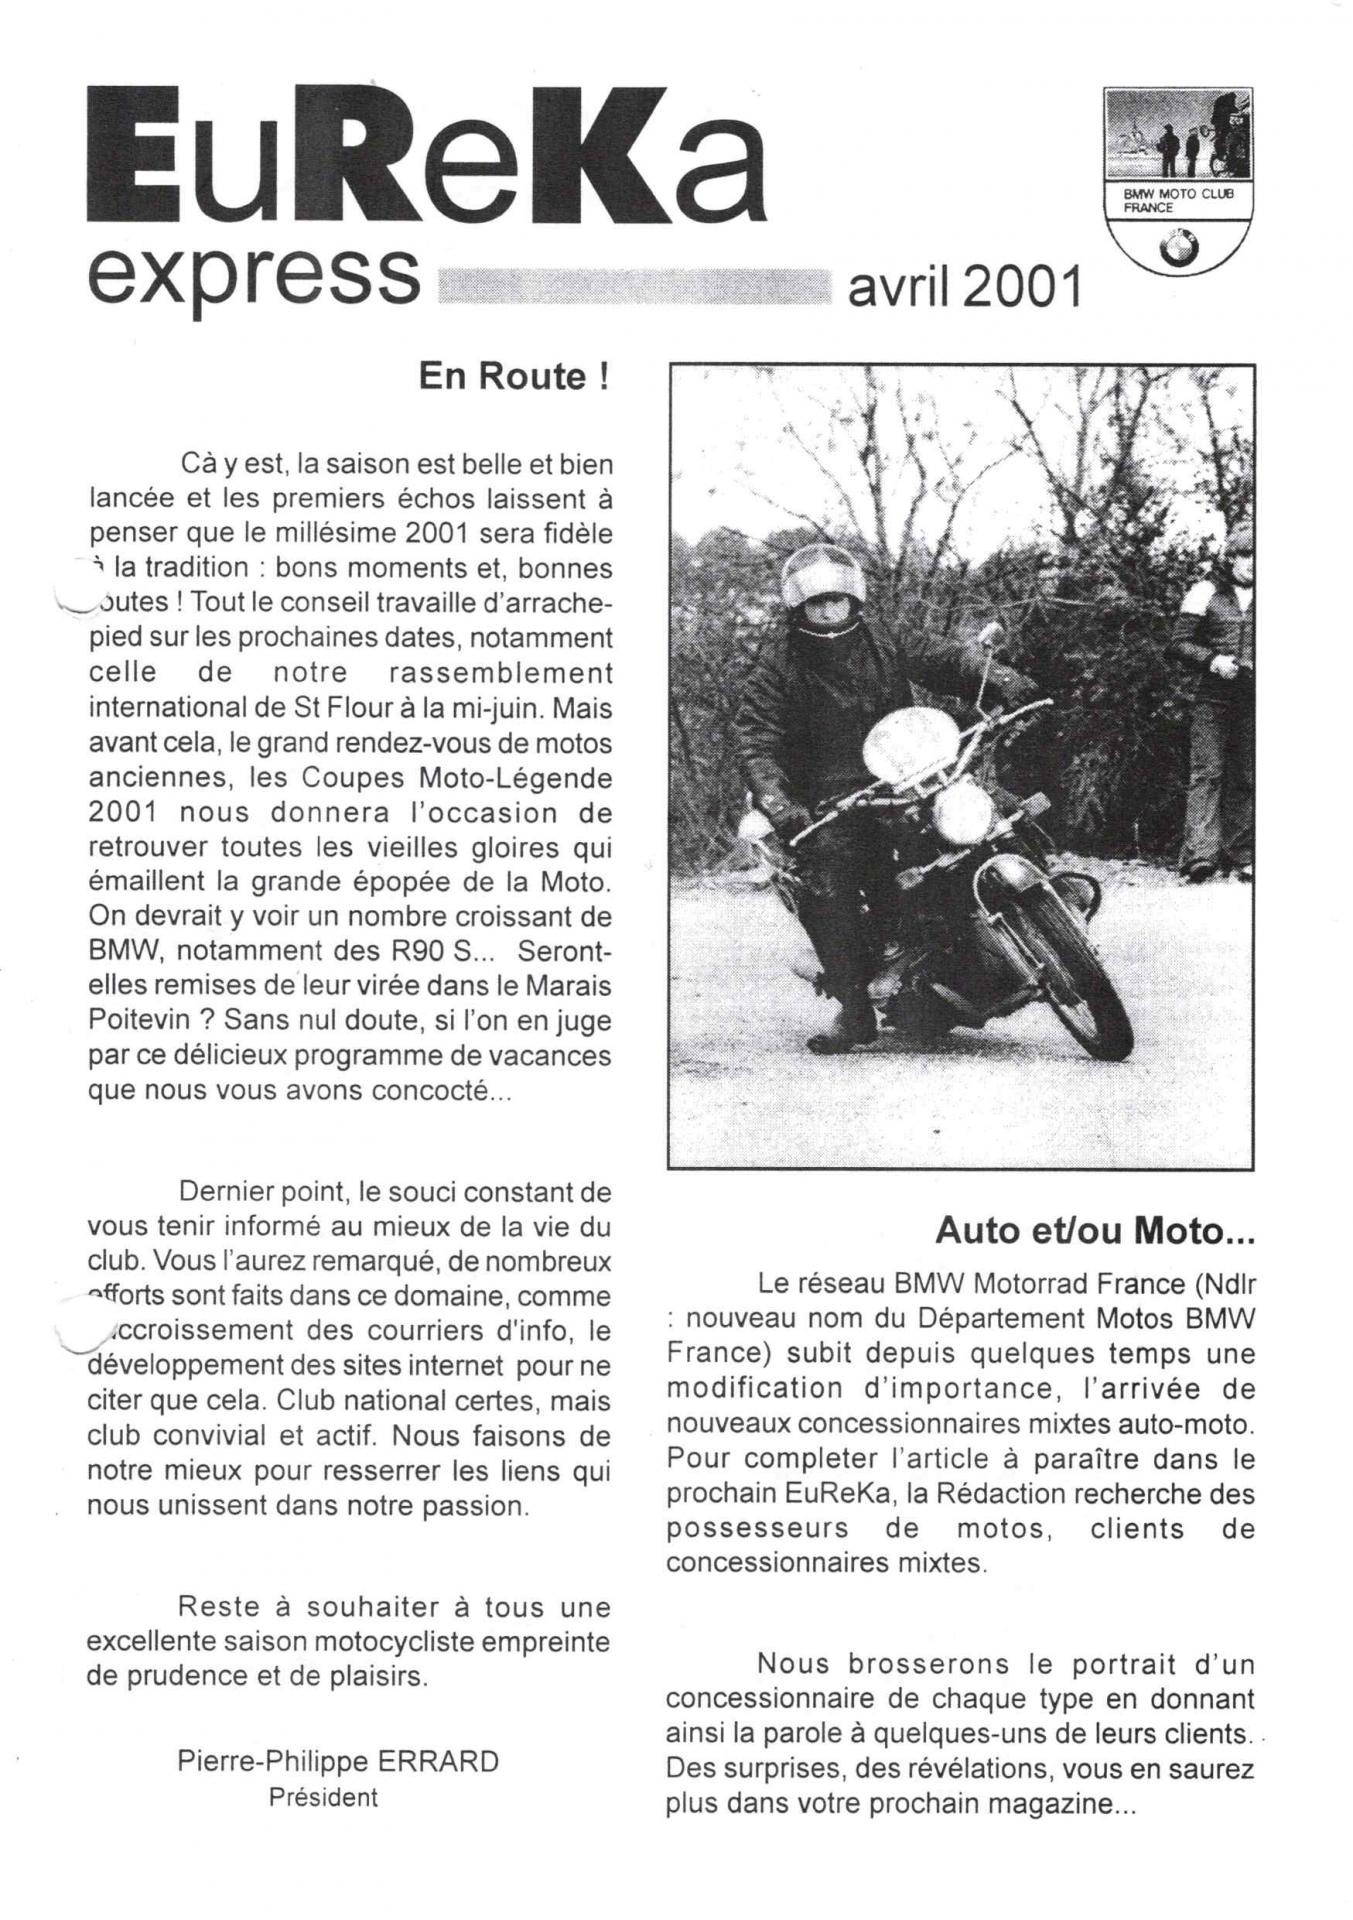 2001 01 eureka express 1